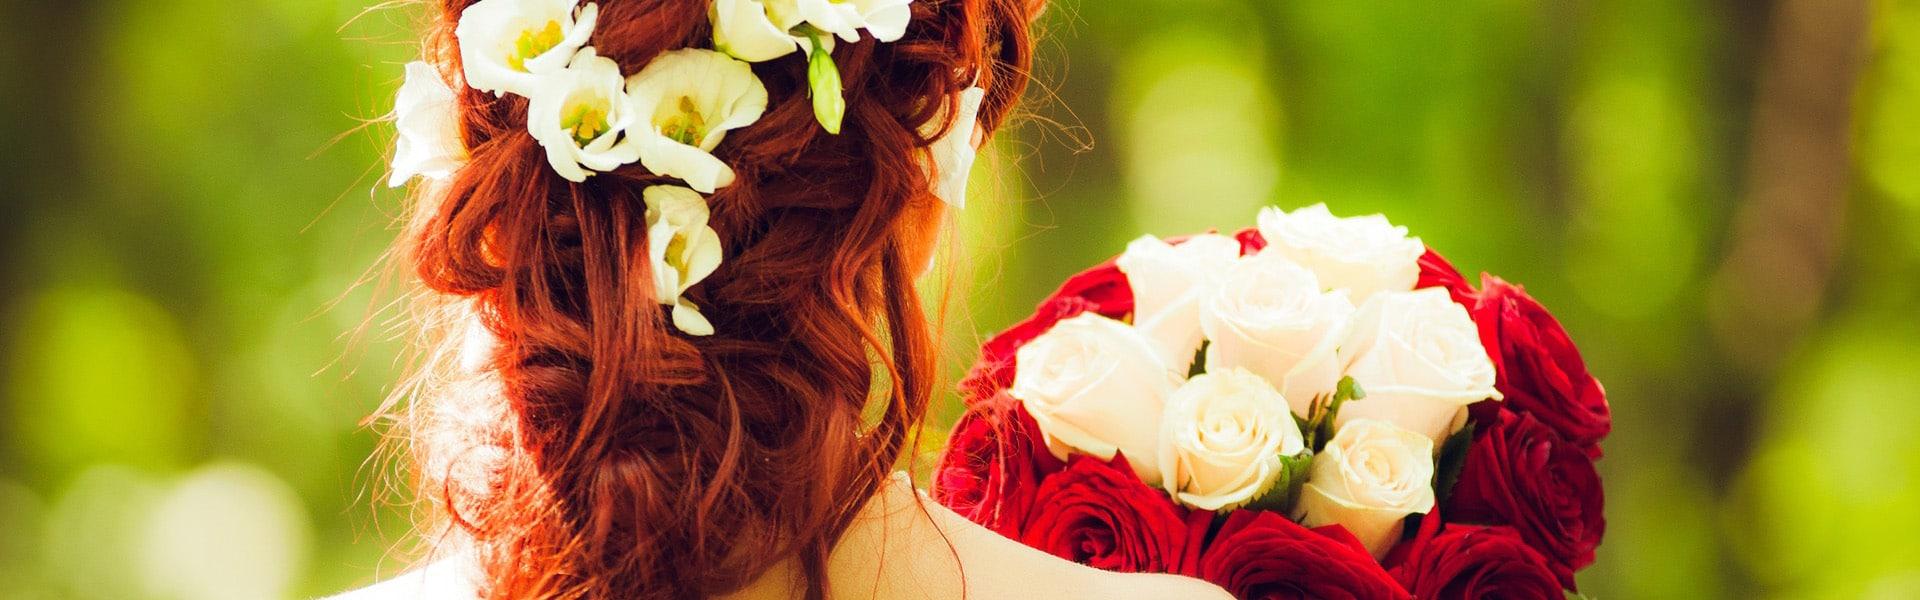 10 lunettes d soleil glamour pour porter a un mariage